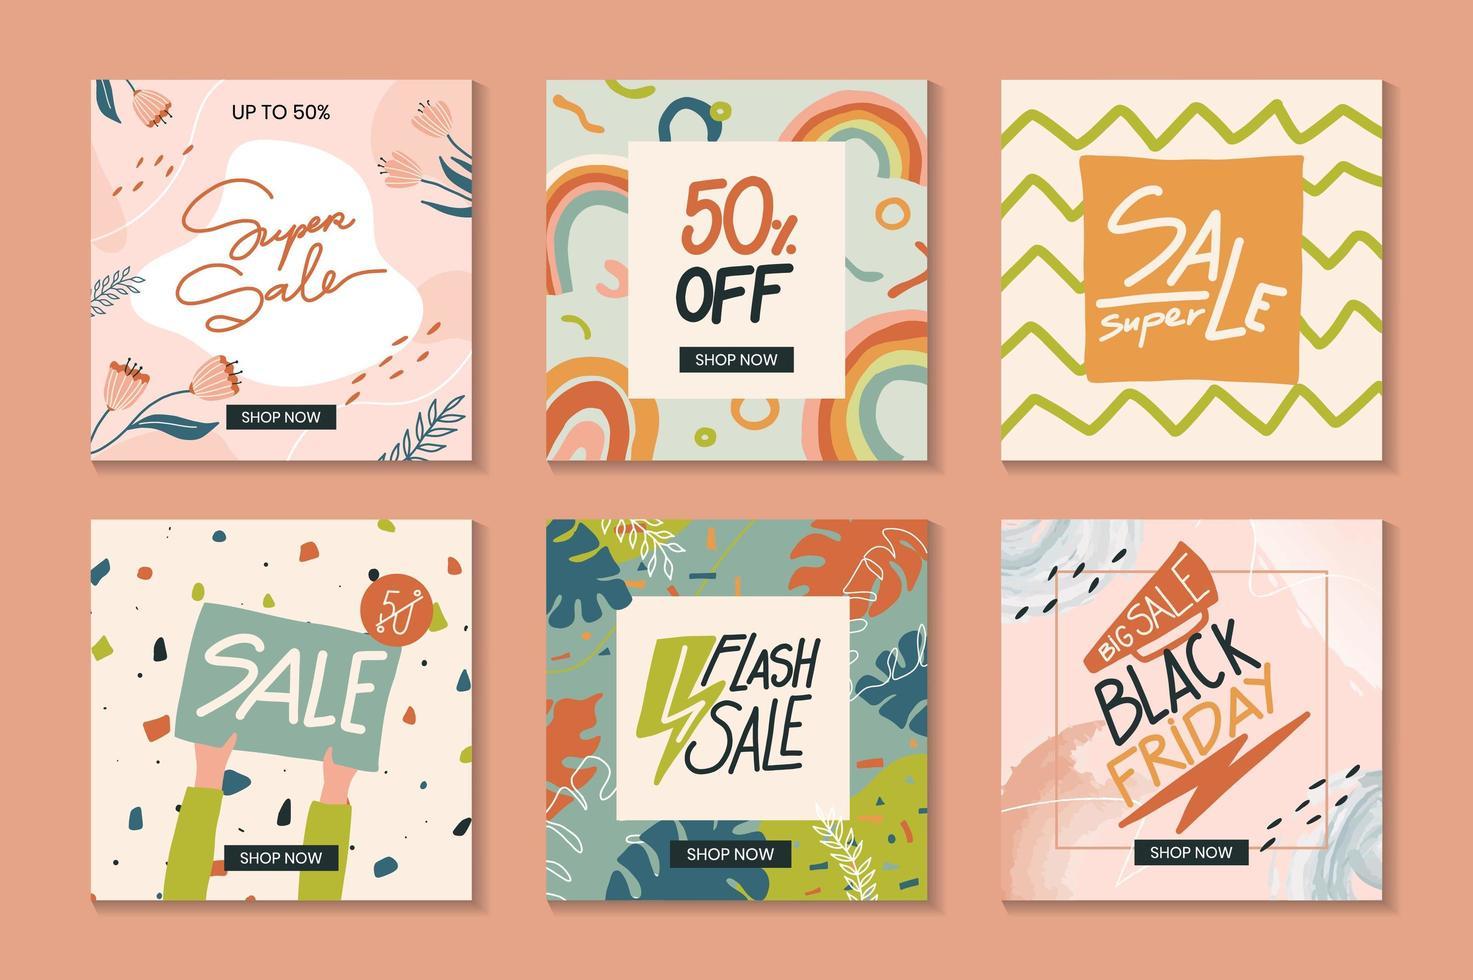 verzameling trendy abstracte vierkante verkoopsjablonen vector